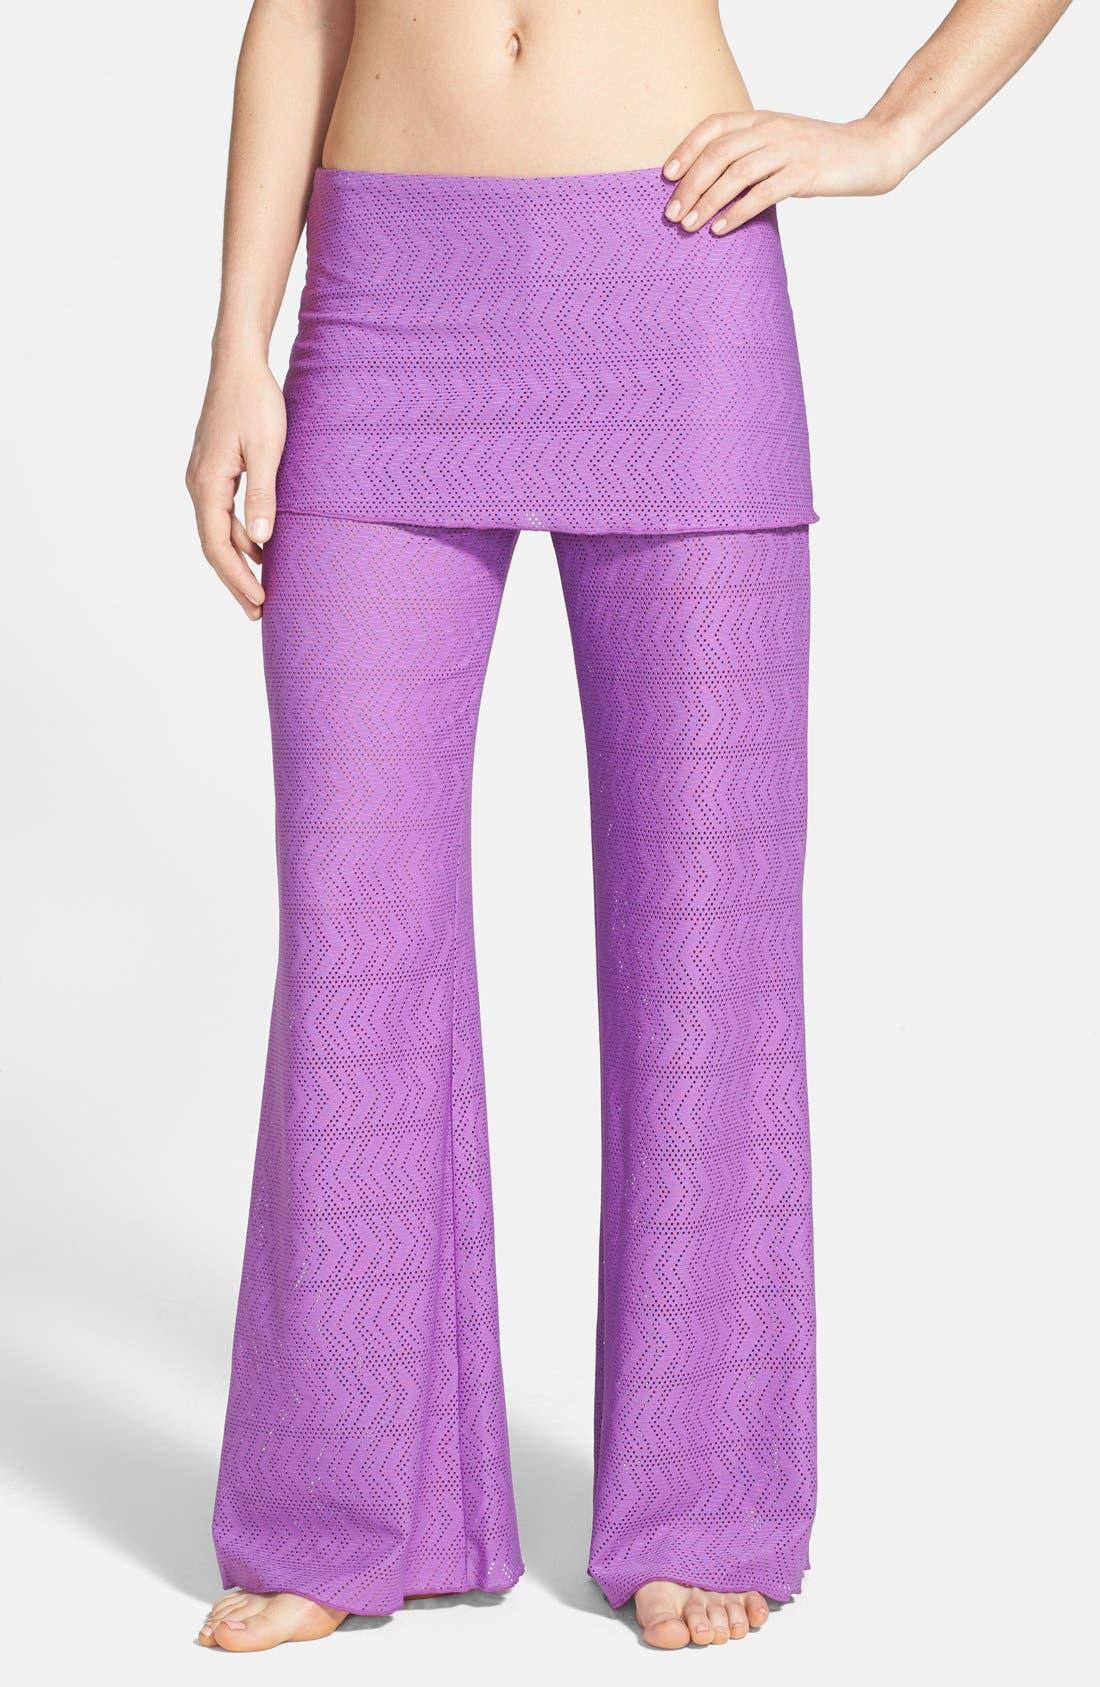 Alternate Image 1 Selected - prAna 'Satori' Mesh Cover-Up Skirted Pants